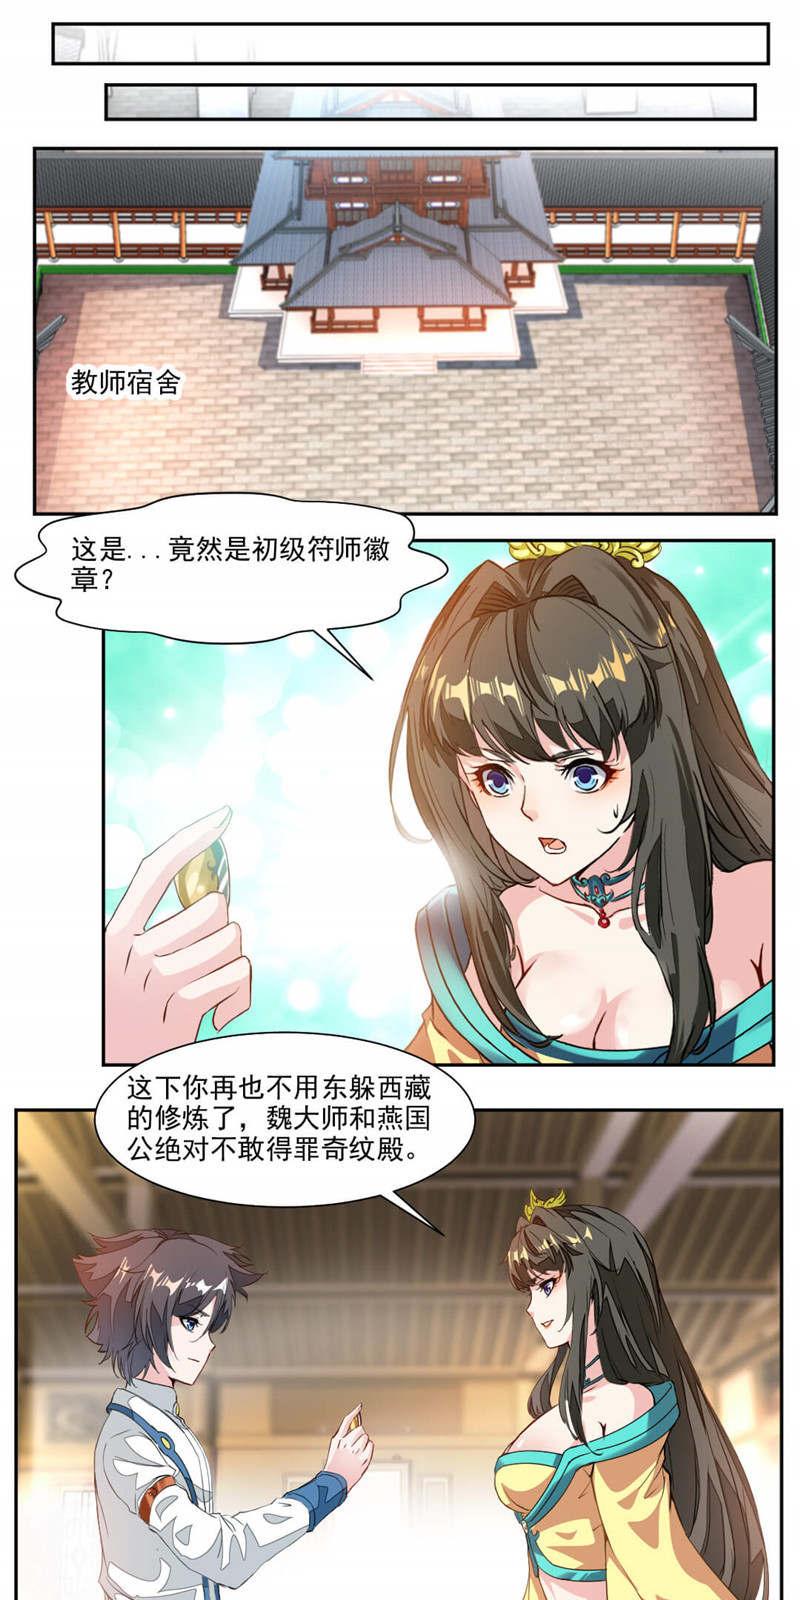 九阳神王第35话  震魂钟+震魂锤=? 第 2